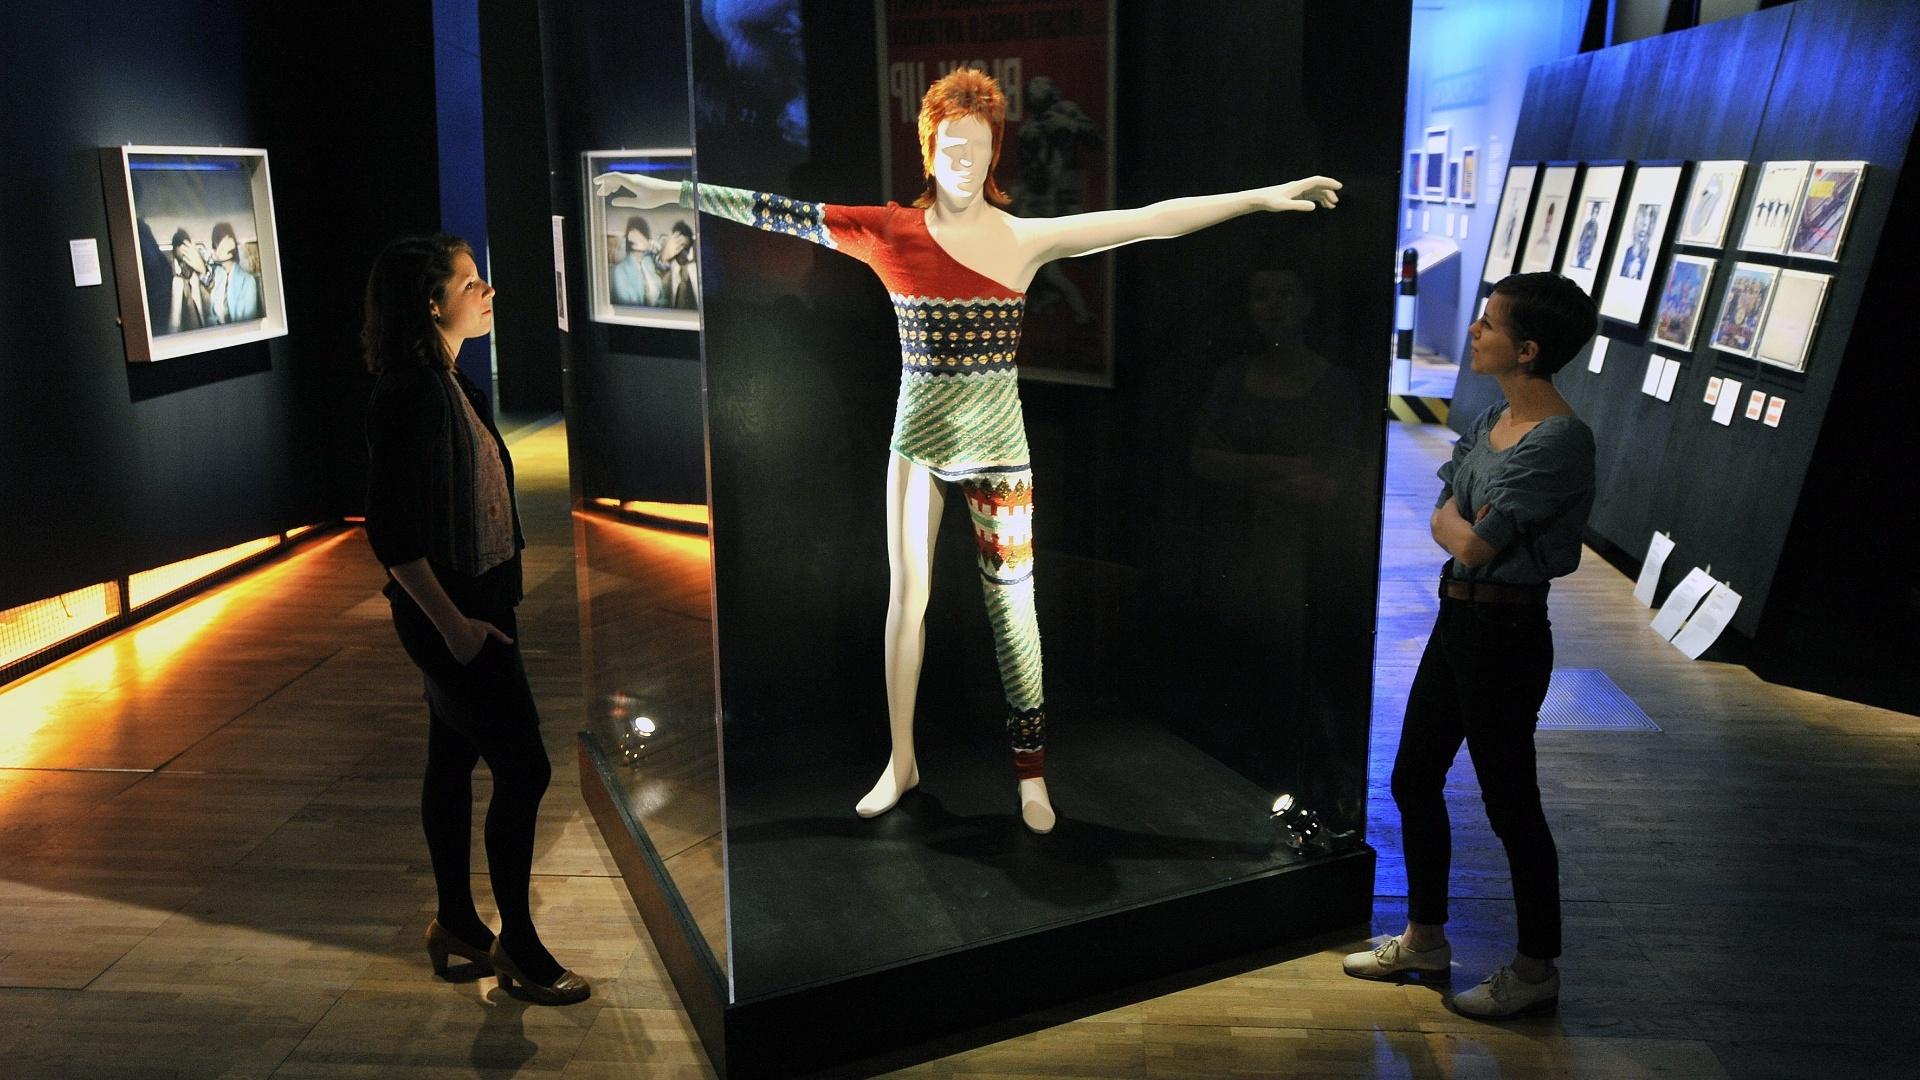 Em exposição realizada no Museu Victoria & Albert, em Londres, manequim exibe a roupa que Kansai Yamamoto desenhou para David Bowie em 1973.